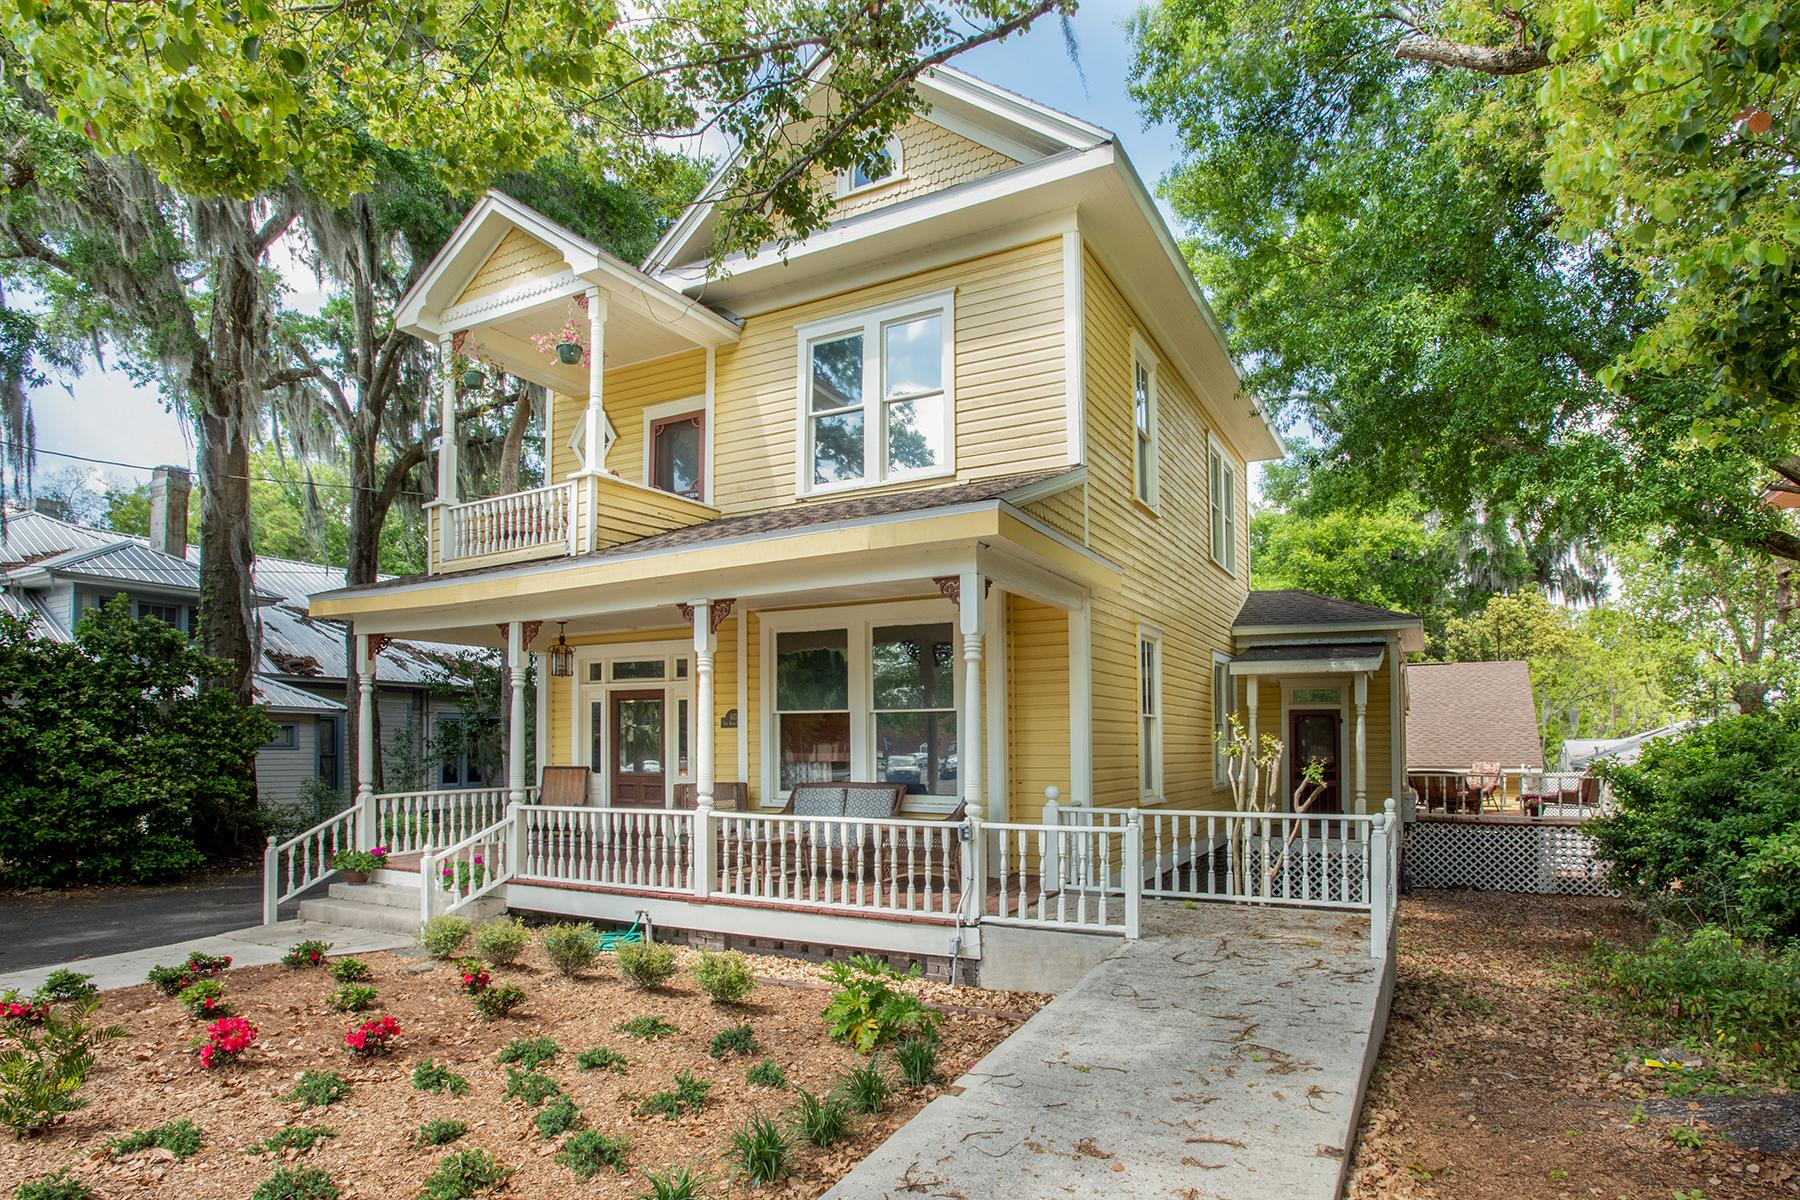 Single Family Homes für Verkauf beim OCALA 613 E Fort King St, Ocala, Florida 34471 Vereinigte Staaten